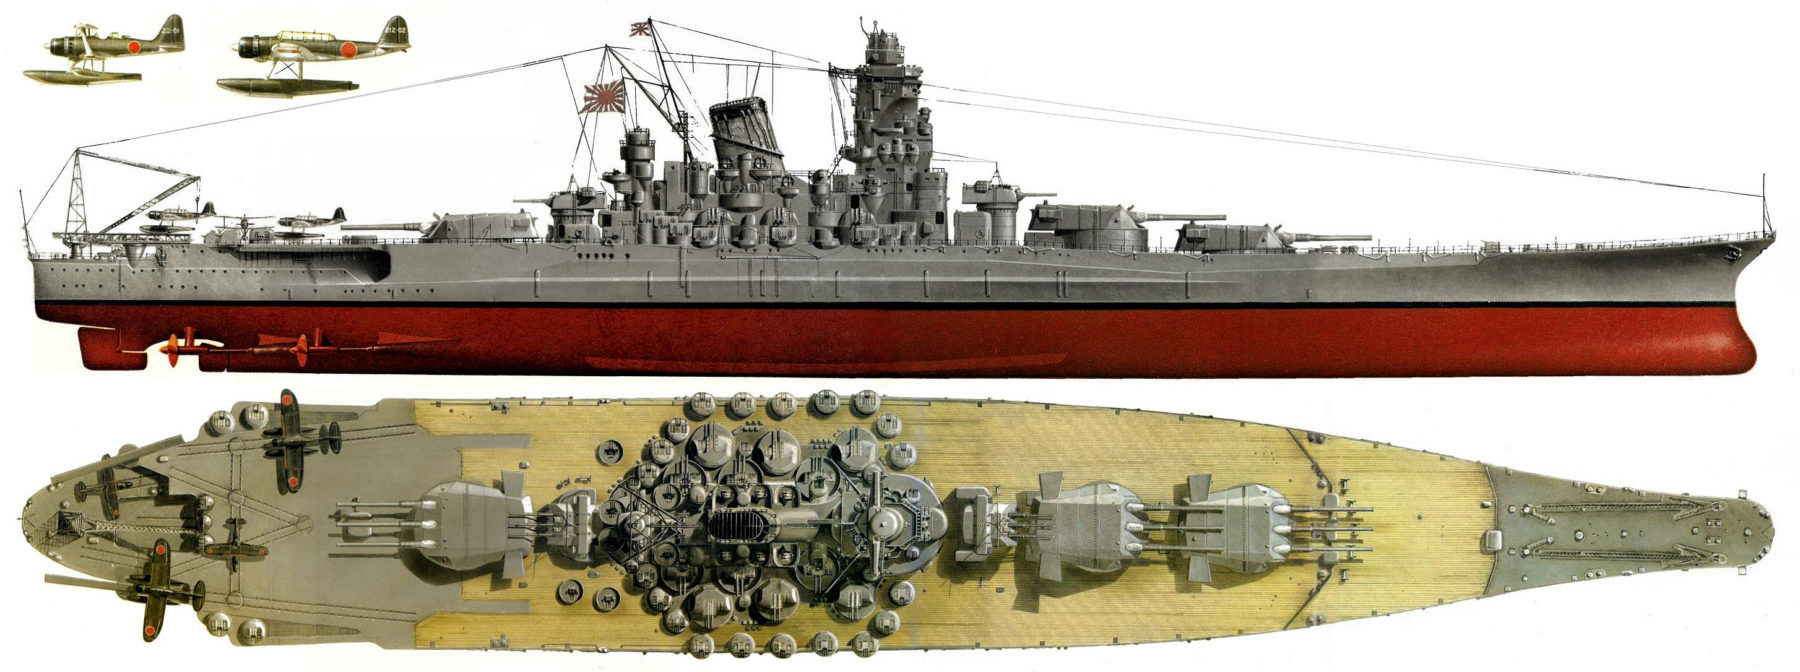 large illustration about the Yamato